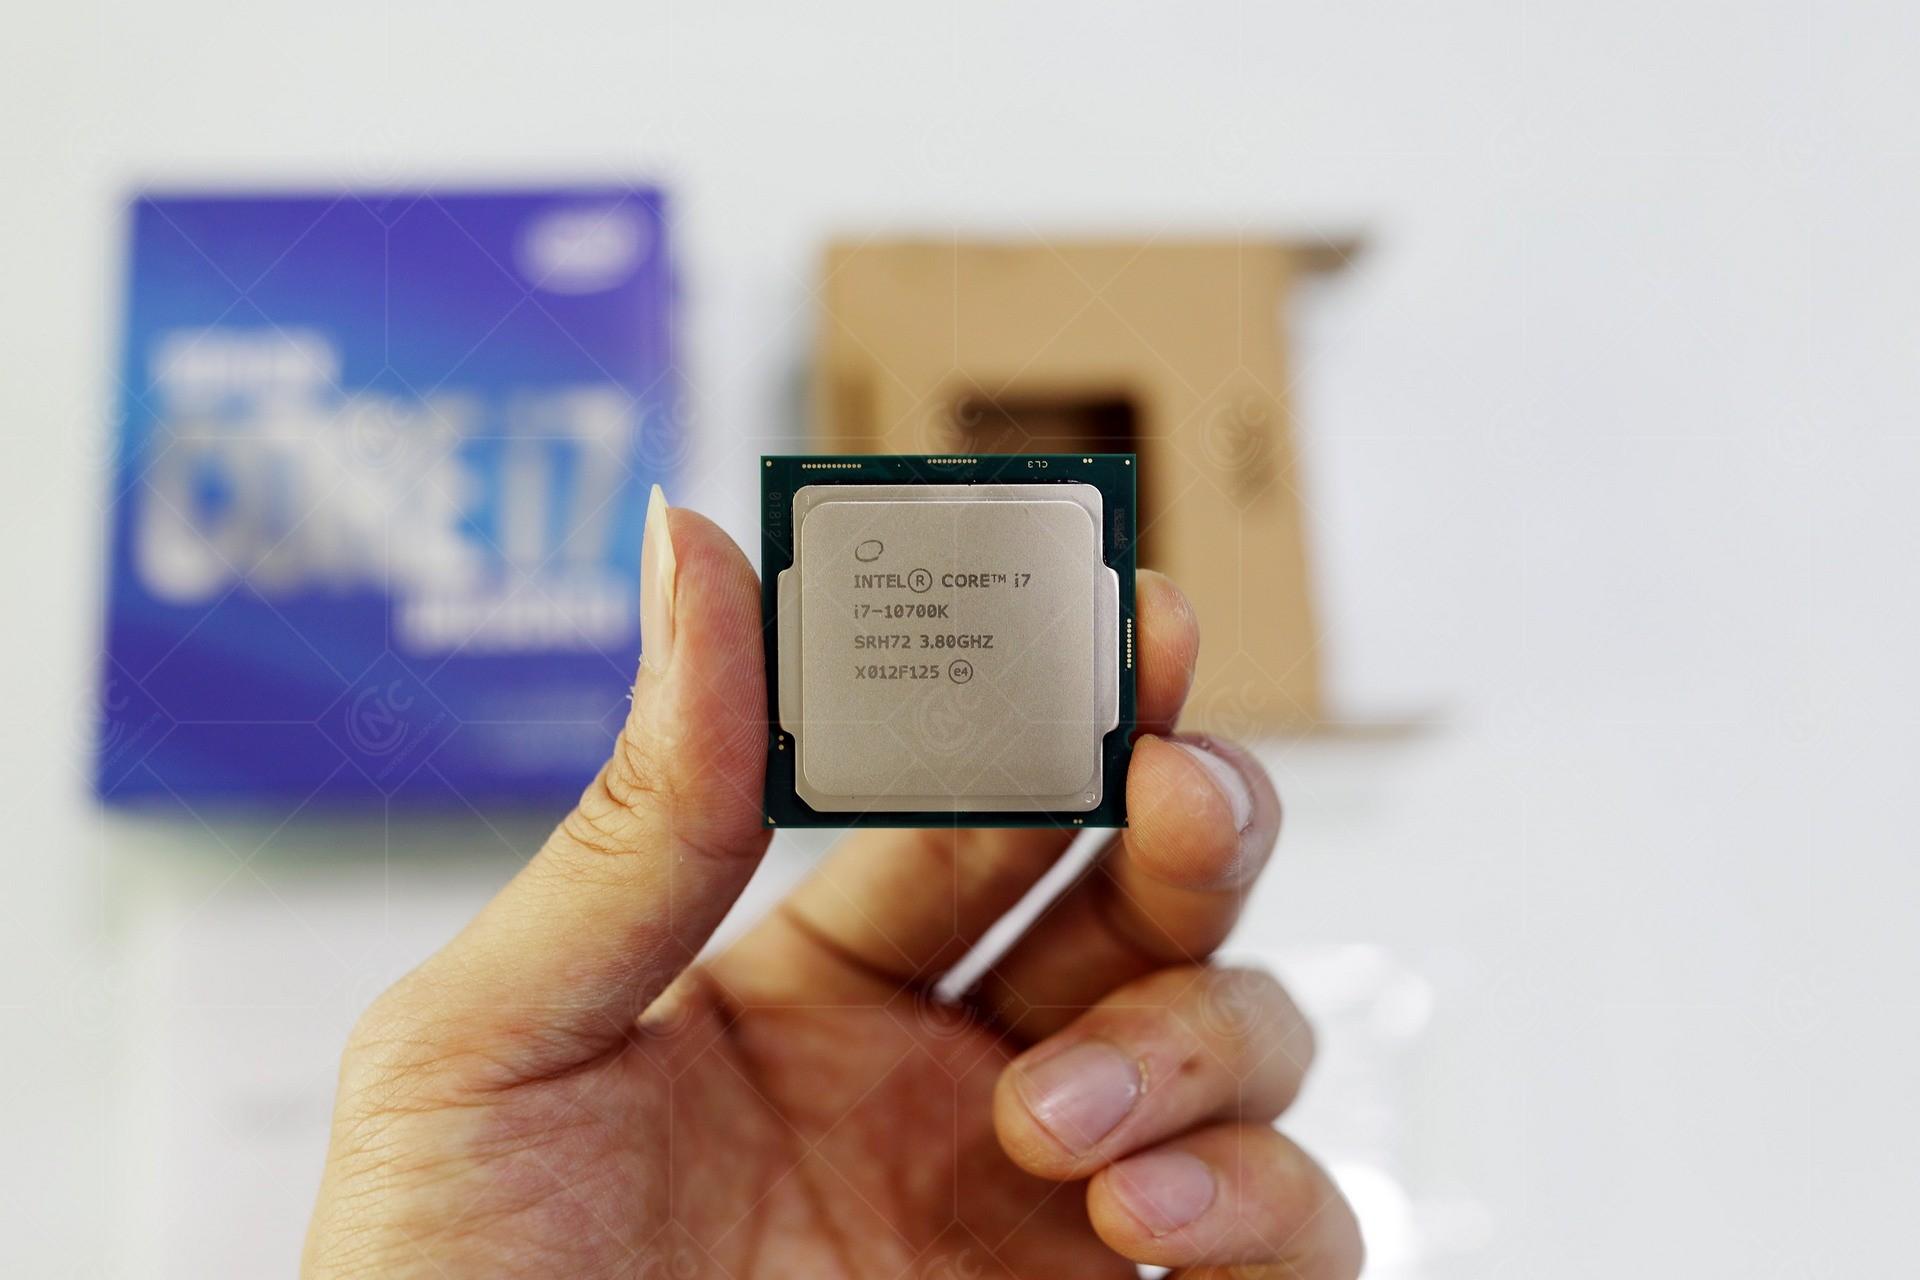 bo-may-tinh-intel-core-i7-10700k-z490-gaming-16gb-ram-vga-rtx-2060-oc-1